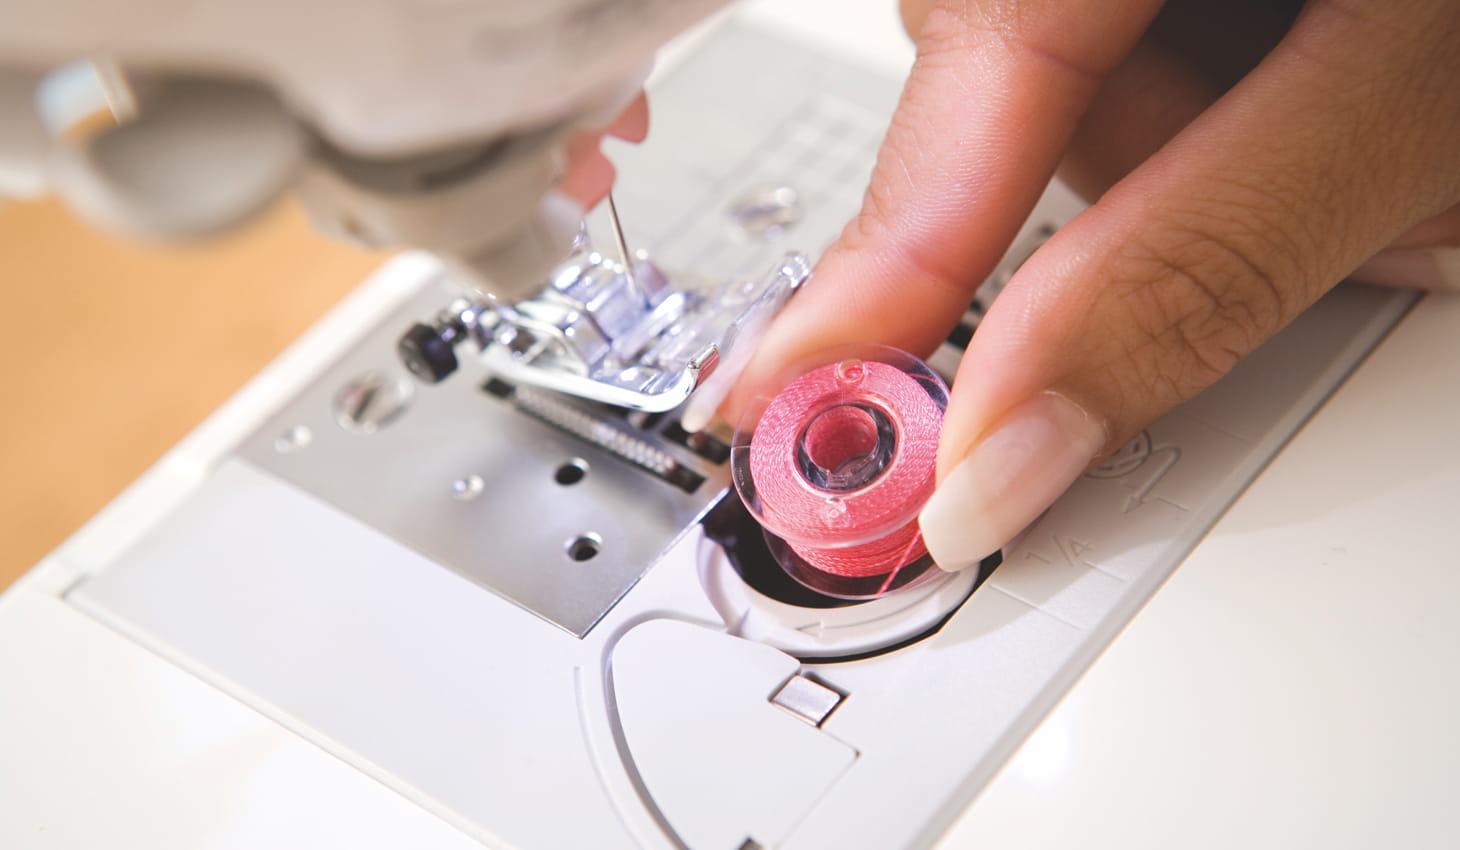 Iemand vervangt de spoel op een naaimachine